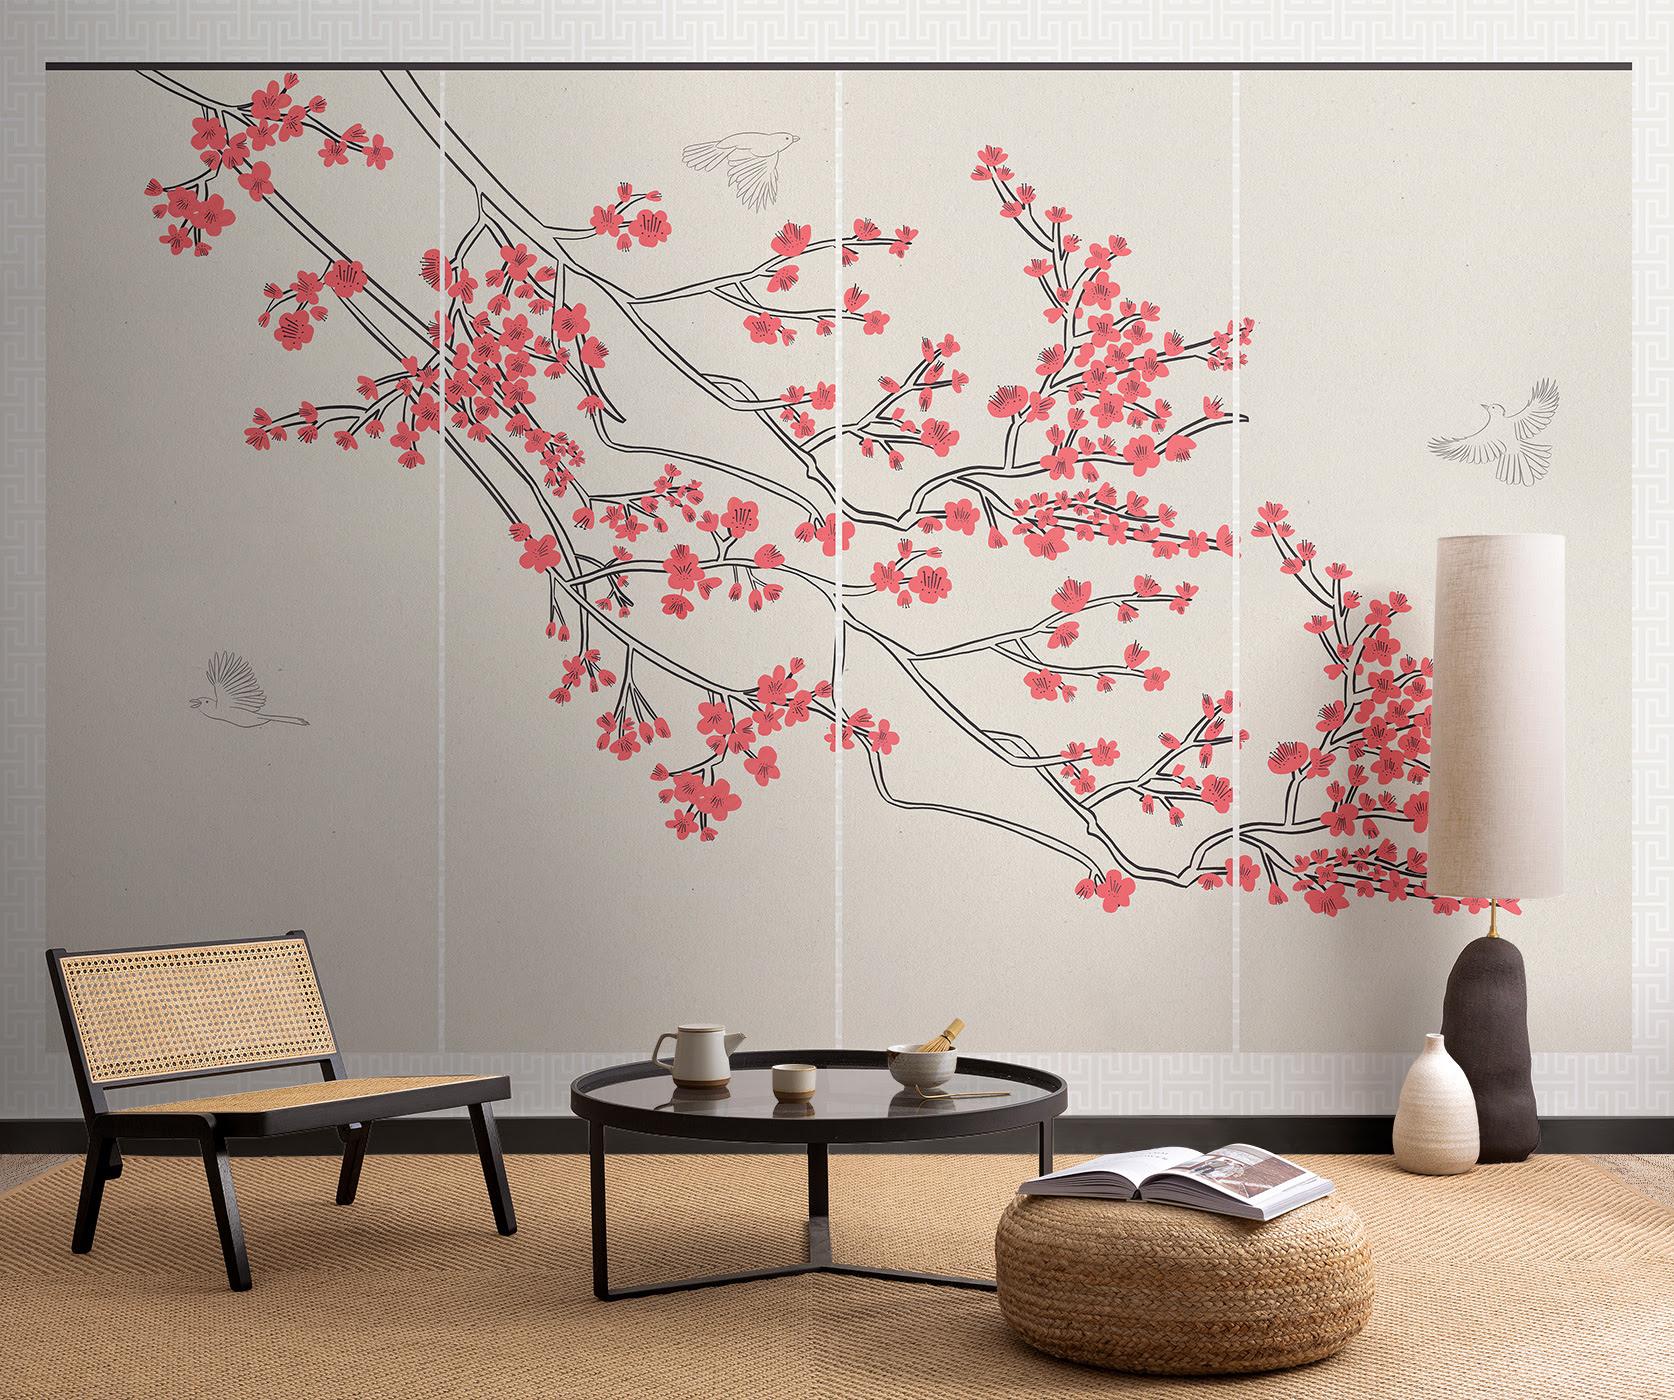 Murals Inspired By Japanese Design Celebrate The Start Of Sakura